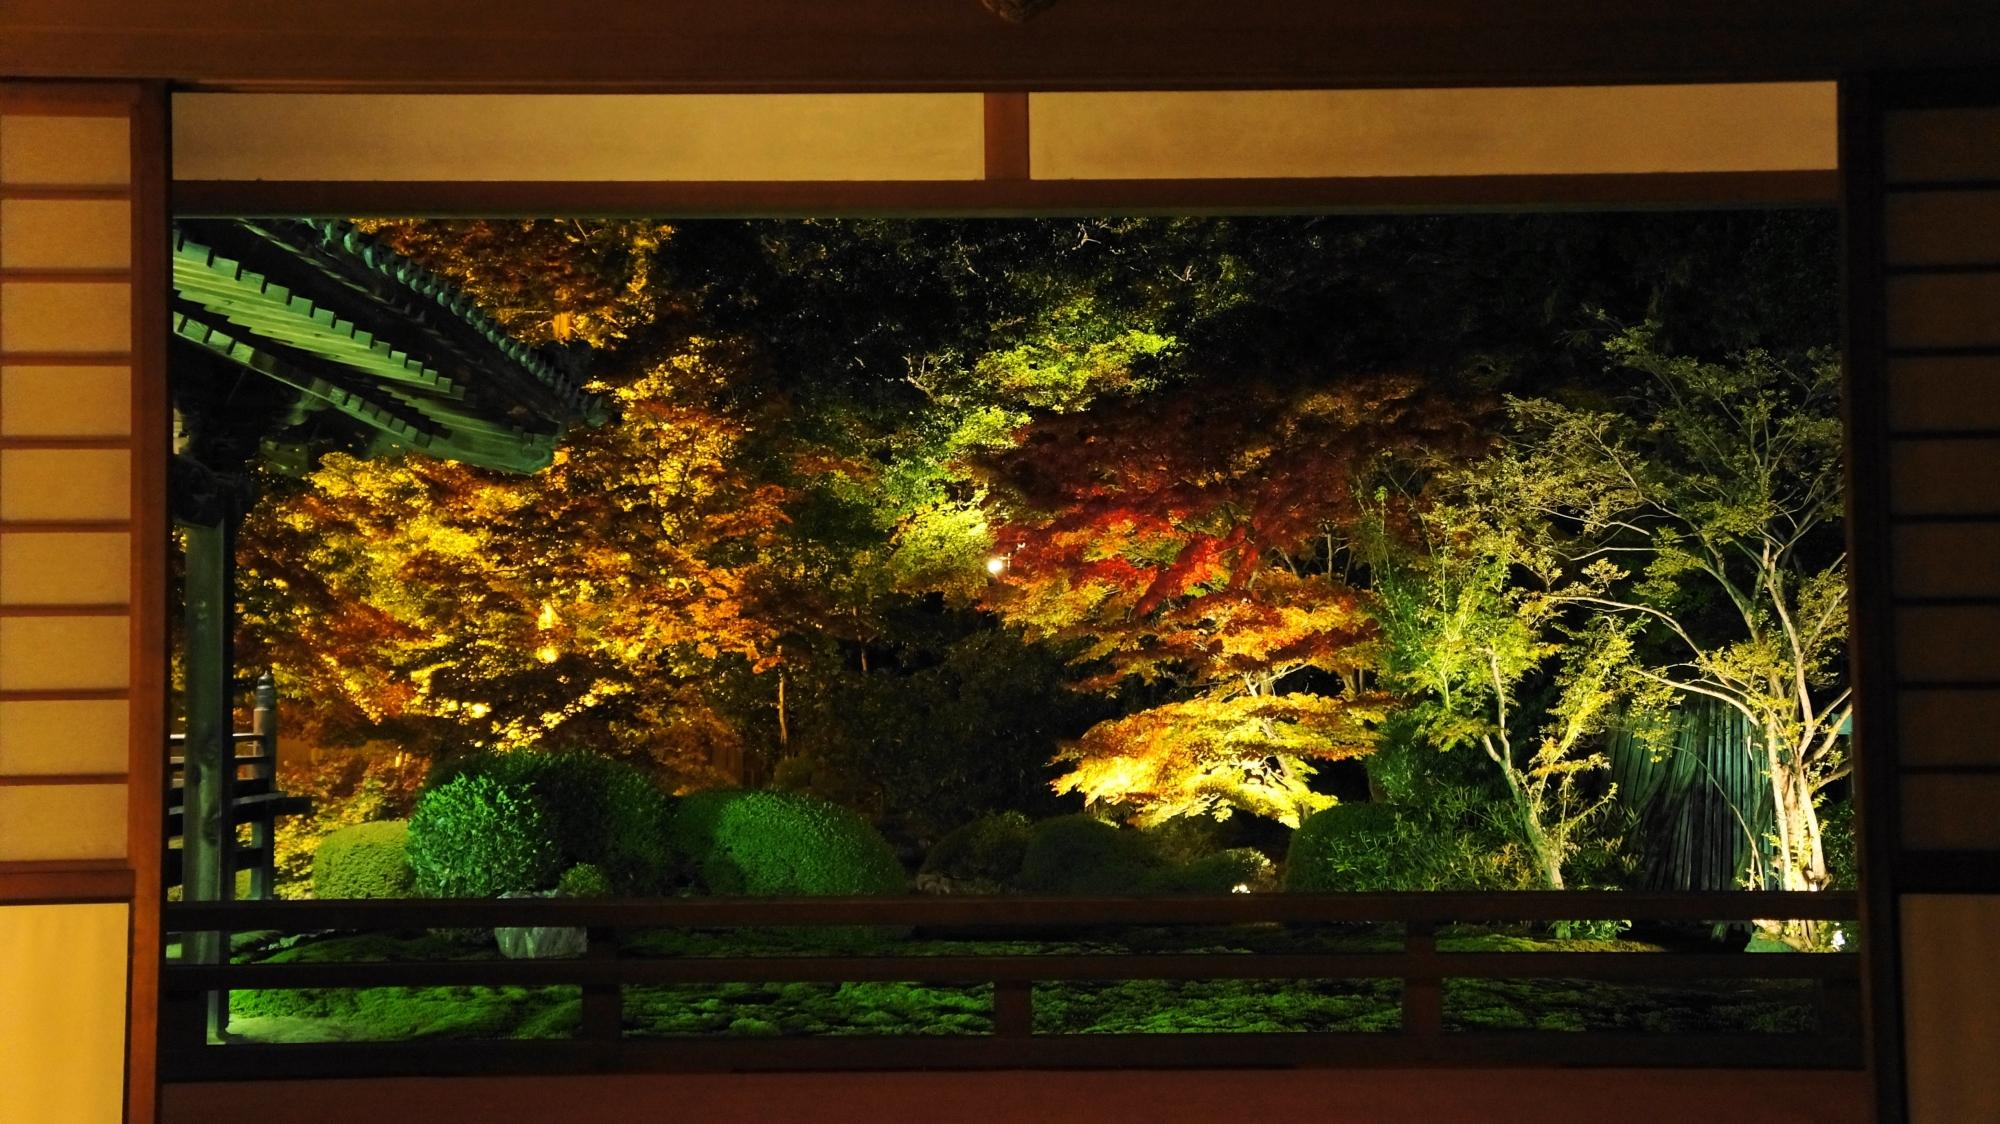 ライトアップされた額縁の紅葉の庭園